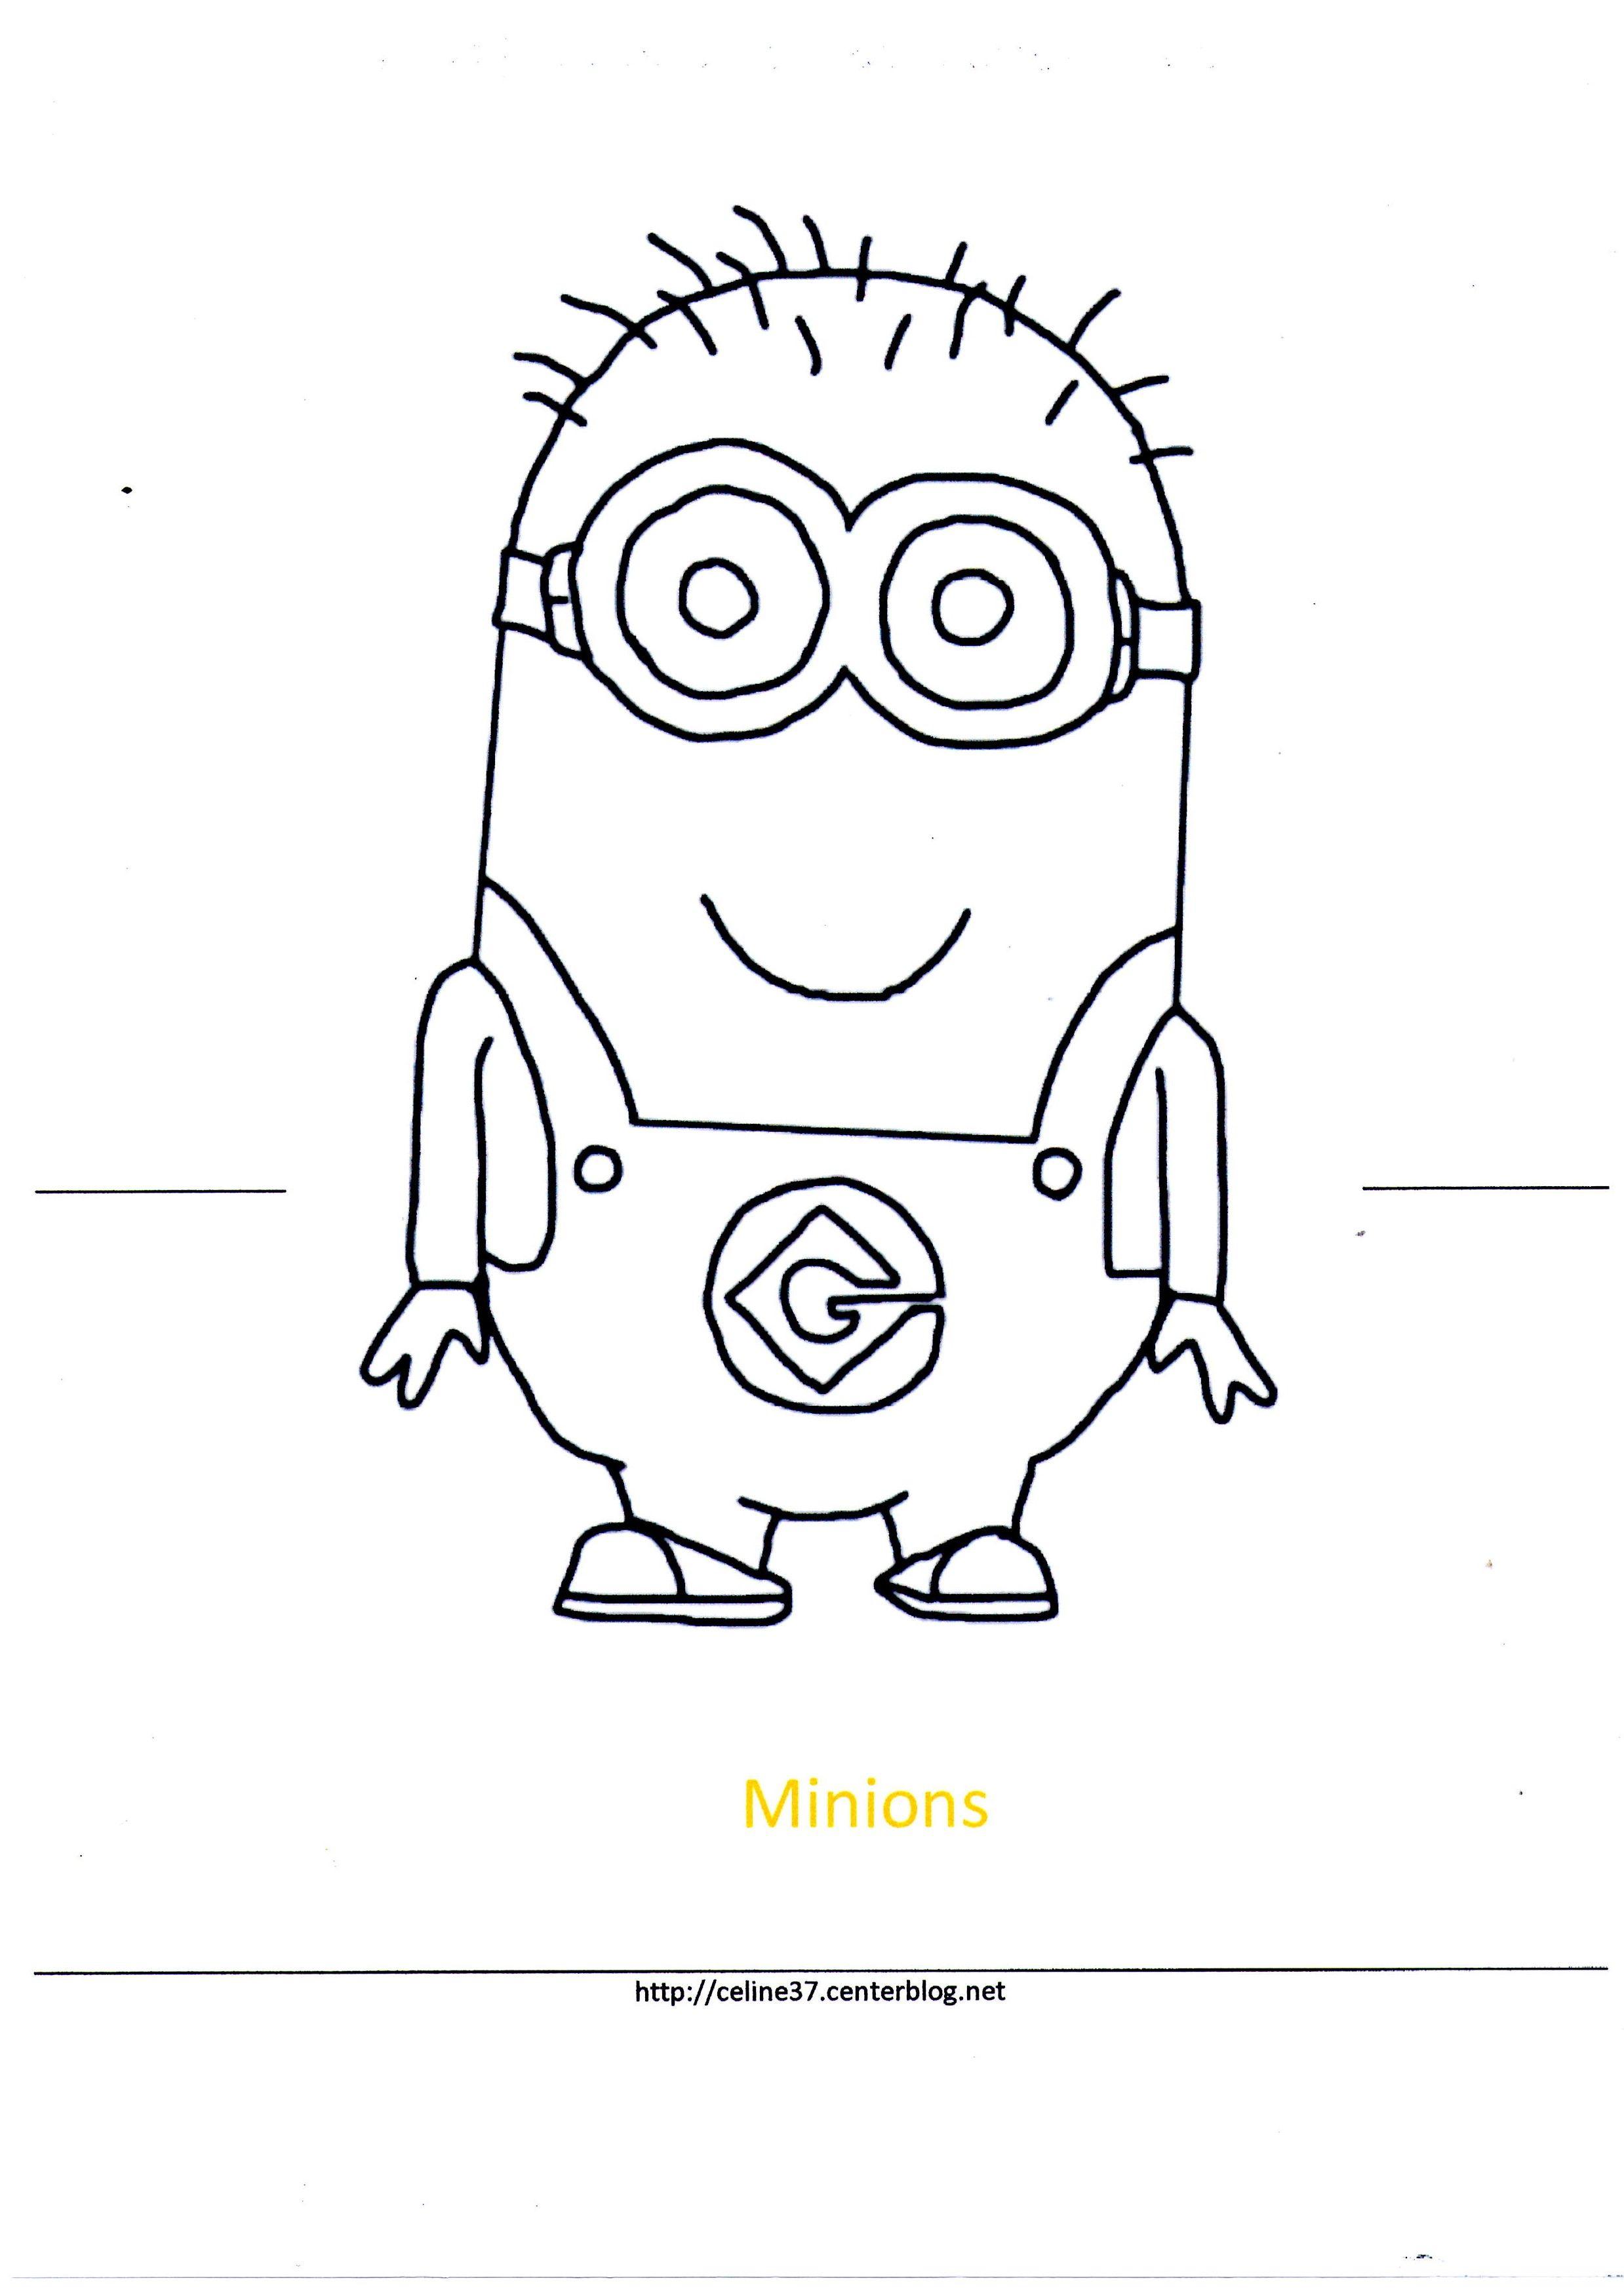 Gabarit Les Minions destiné Créer Un Minion